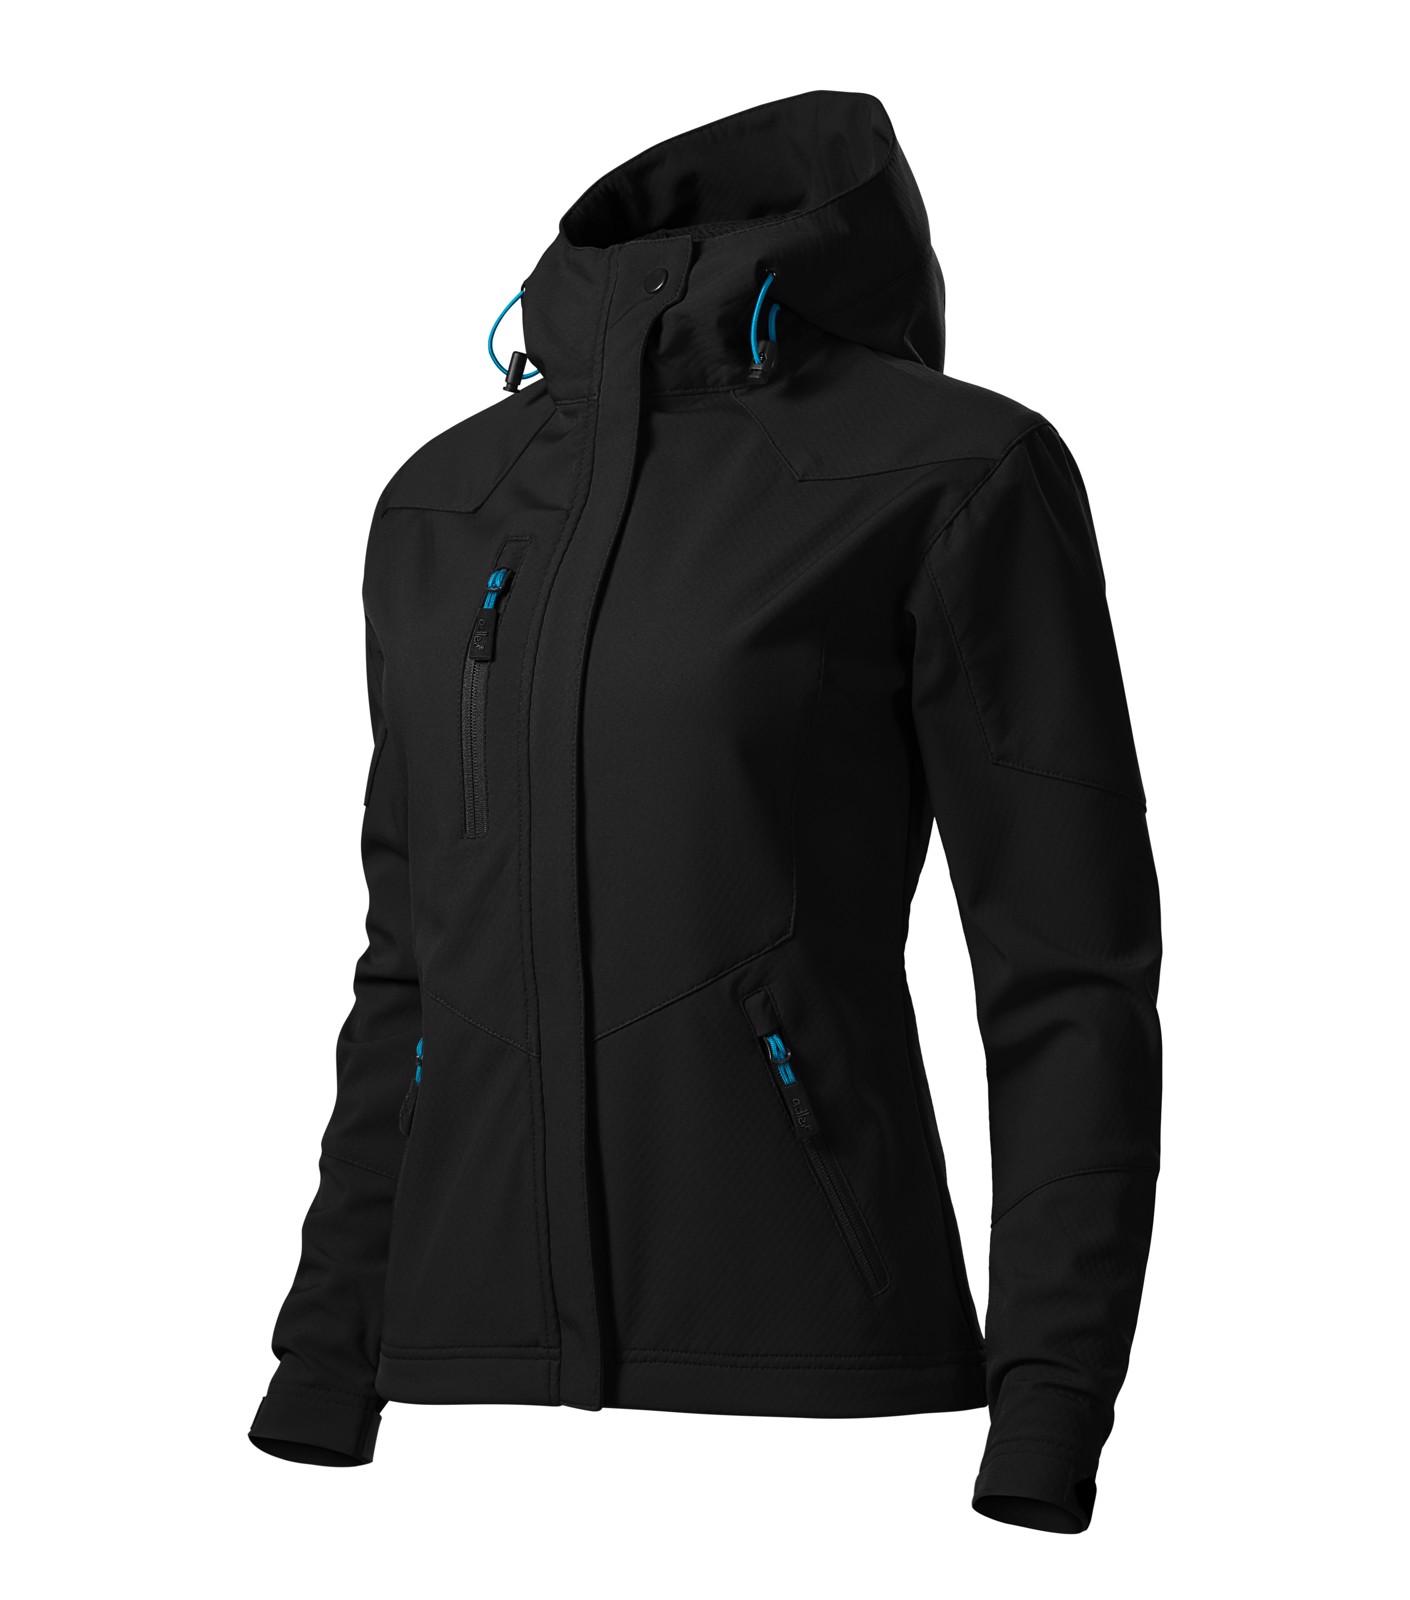 Softshellová bunda dámská Malfini Nano - Černá / S